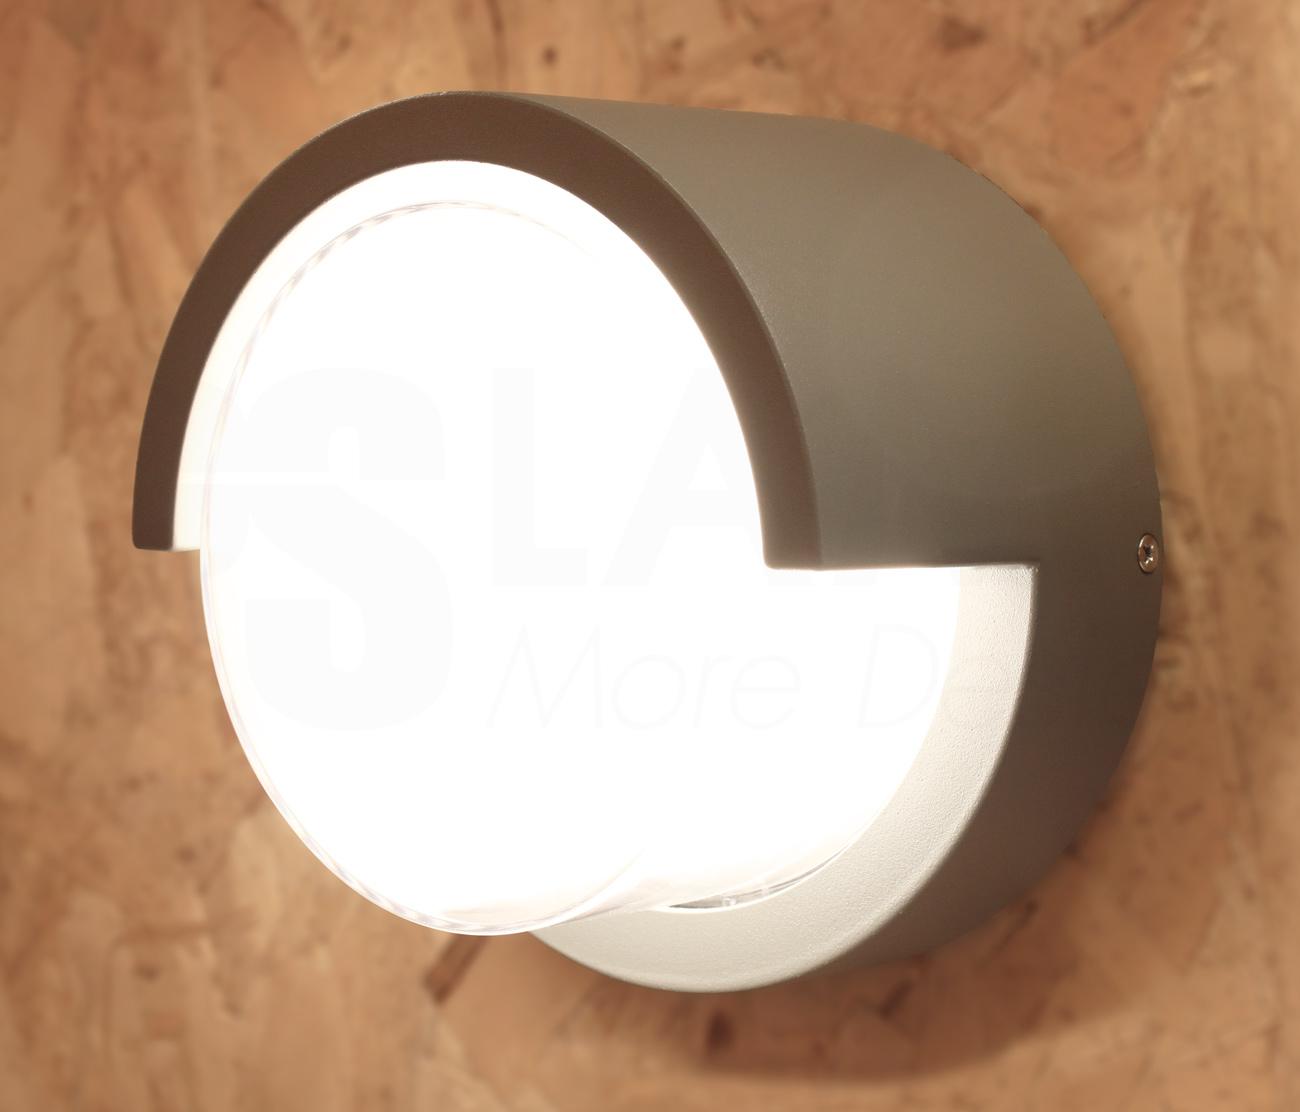 โคมไฟติดผนัง-โคมไฟผนัง-โคมไฟภายนอก-โคมไฟโมเดิร์น-CATANIA-GY